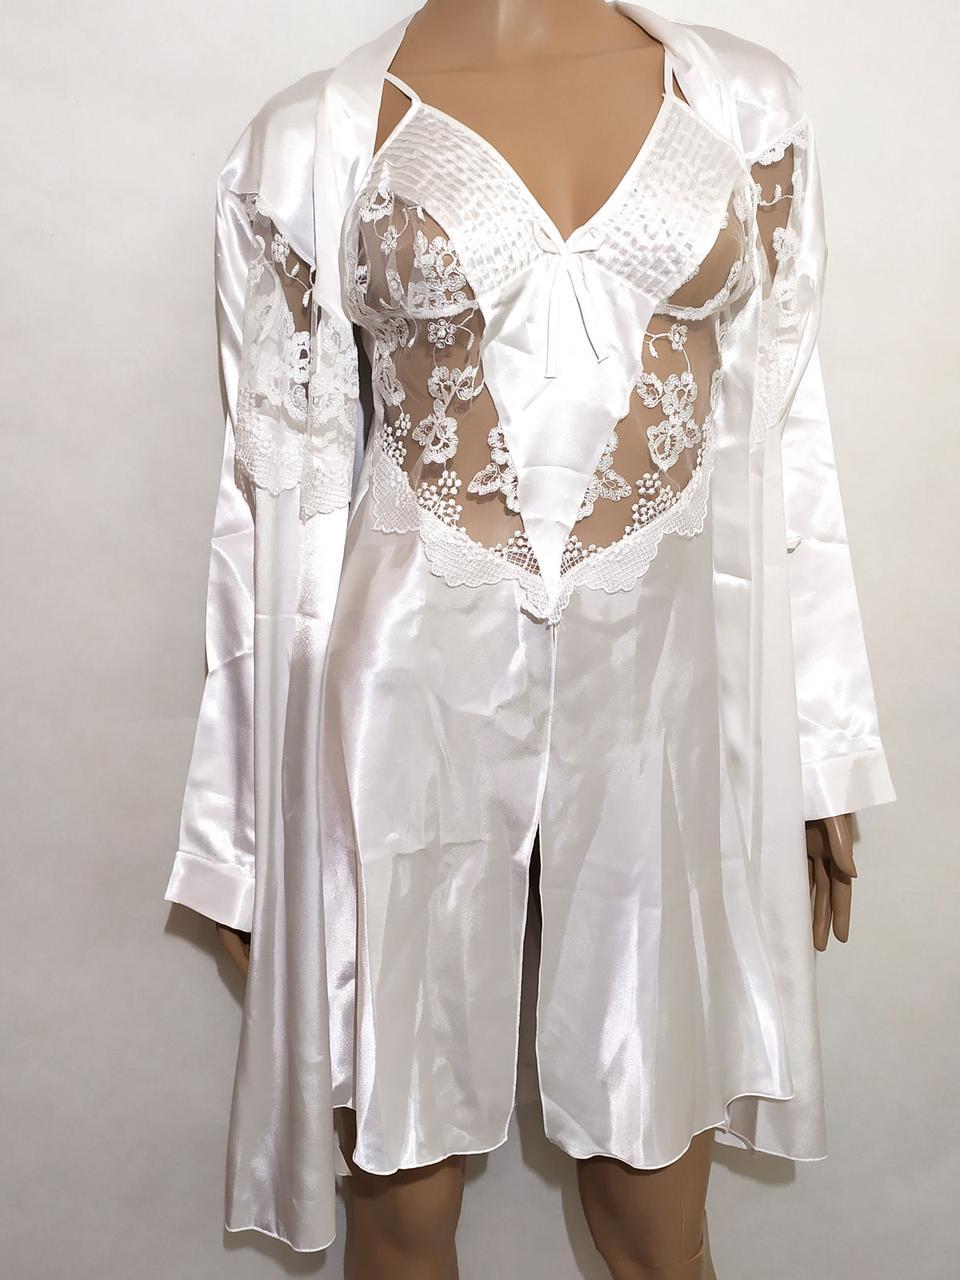 Комплект женской домашней одежды,  (халат+ночная рубашка тонкая бретель)  ANGEL Story